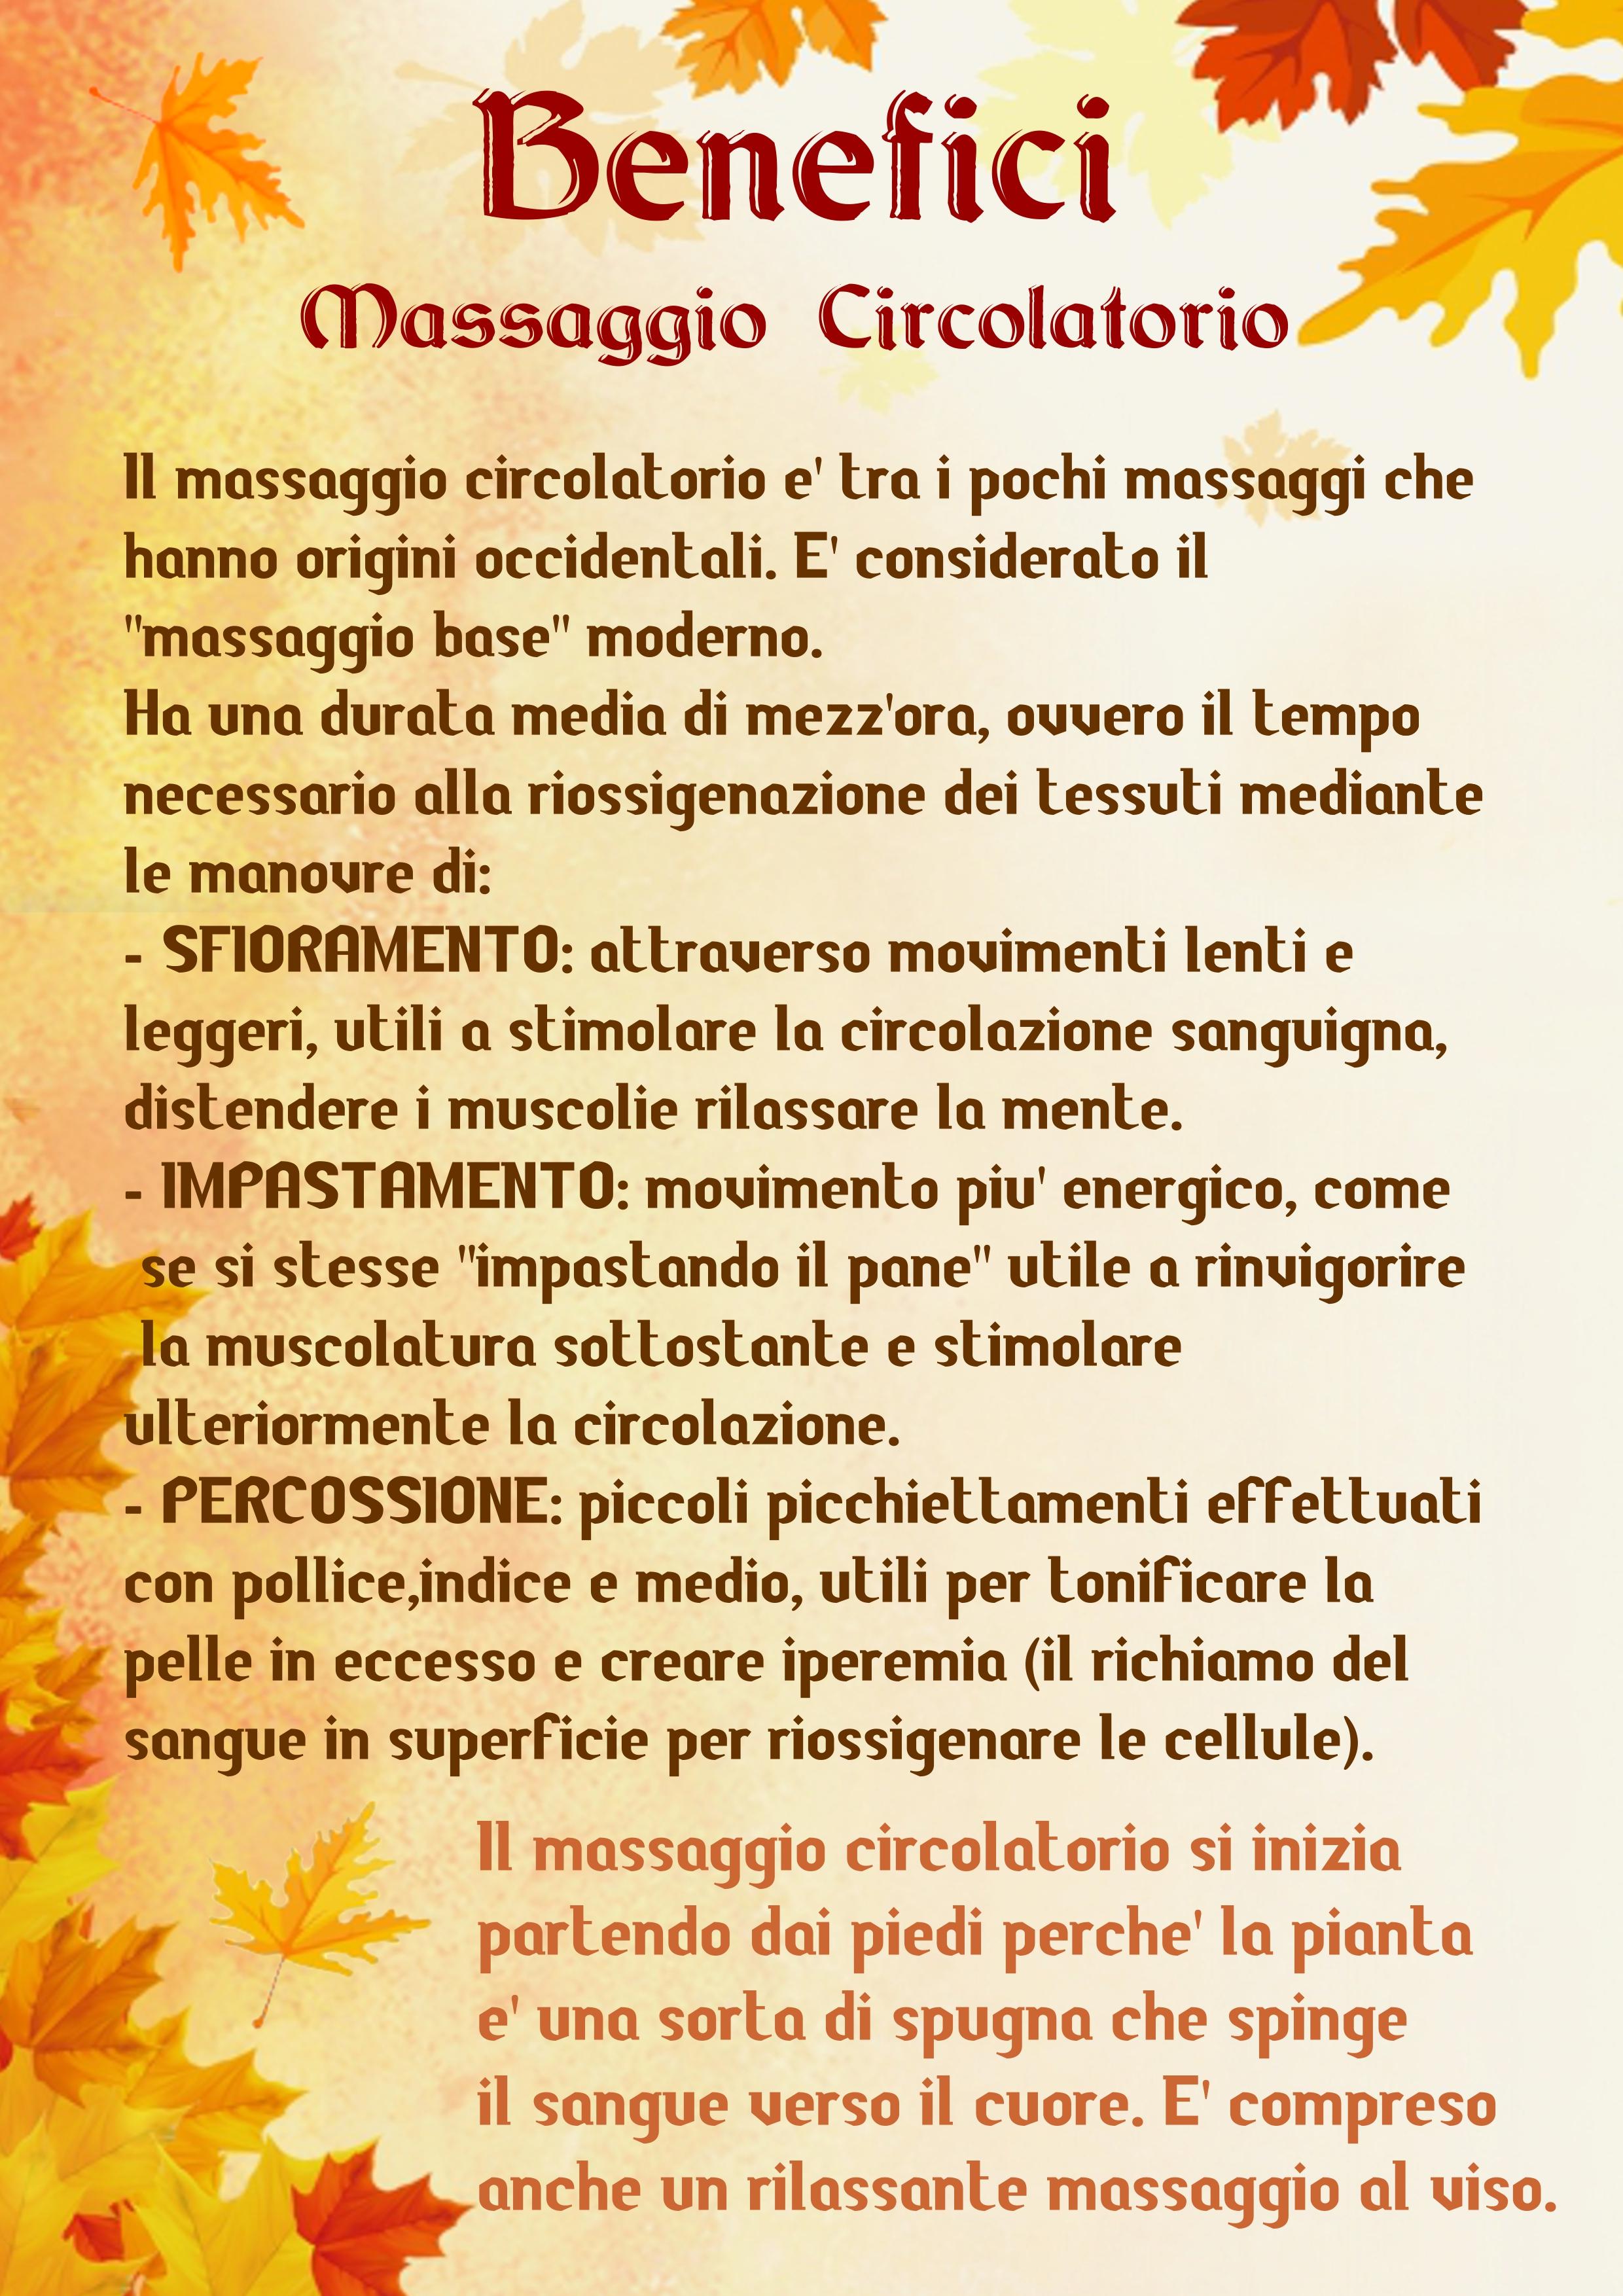 massaggio circolatorio.jpg